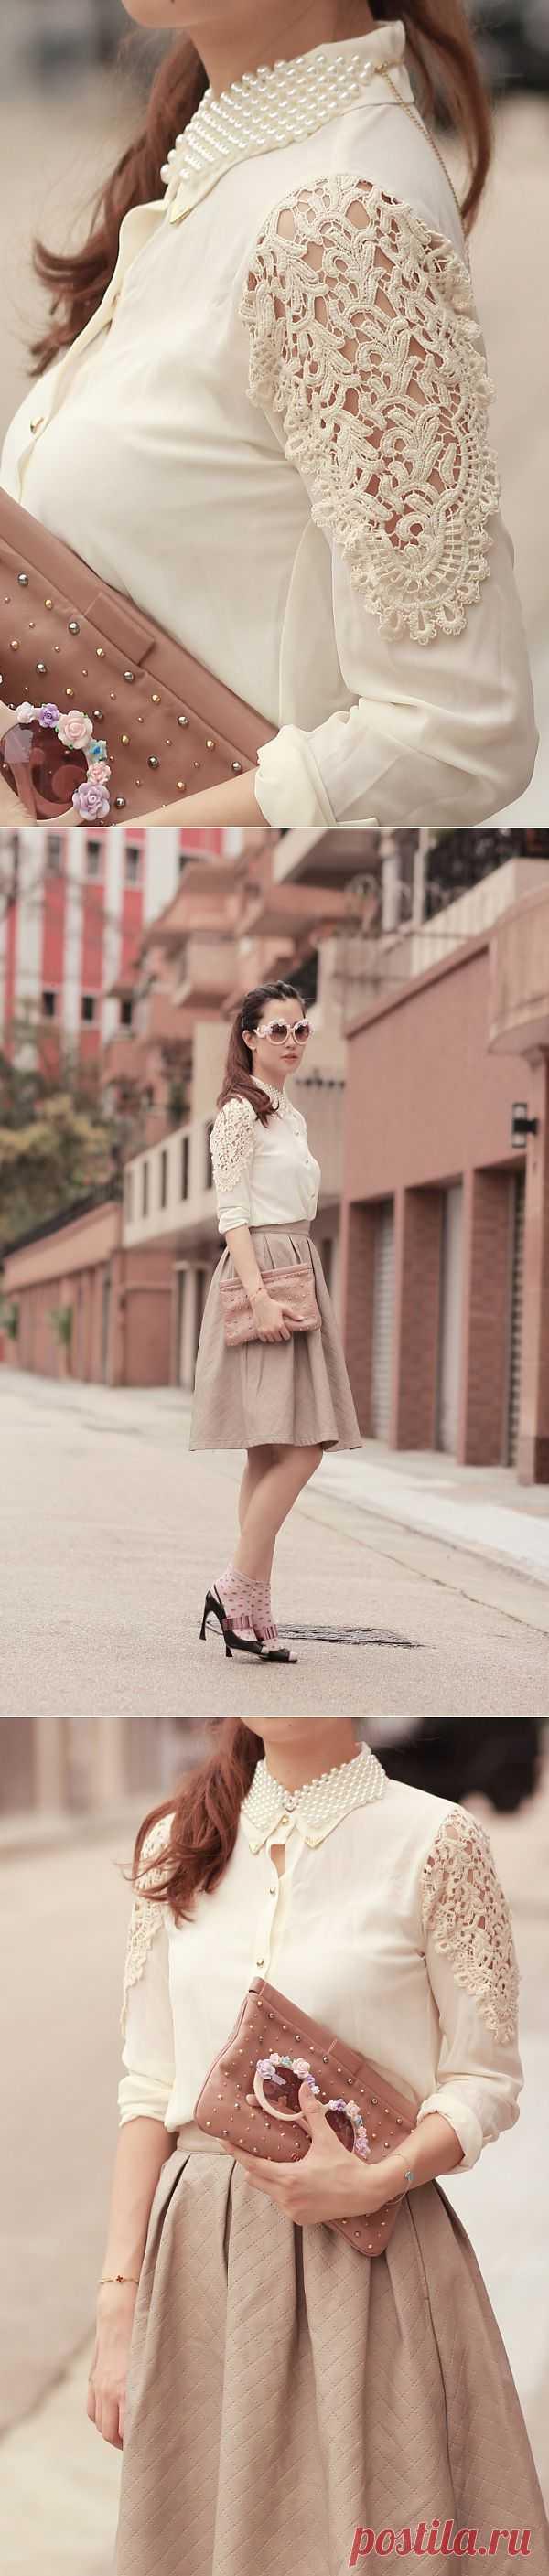 Кружево на блузе / Блузки / Модный сайт о стильной переделке одежды и интерьера